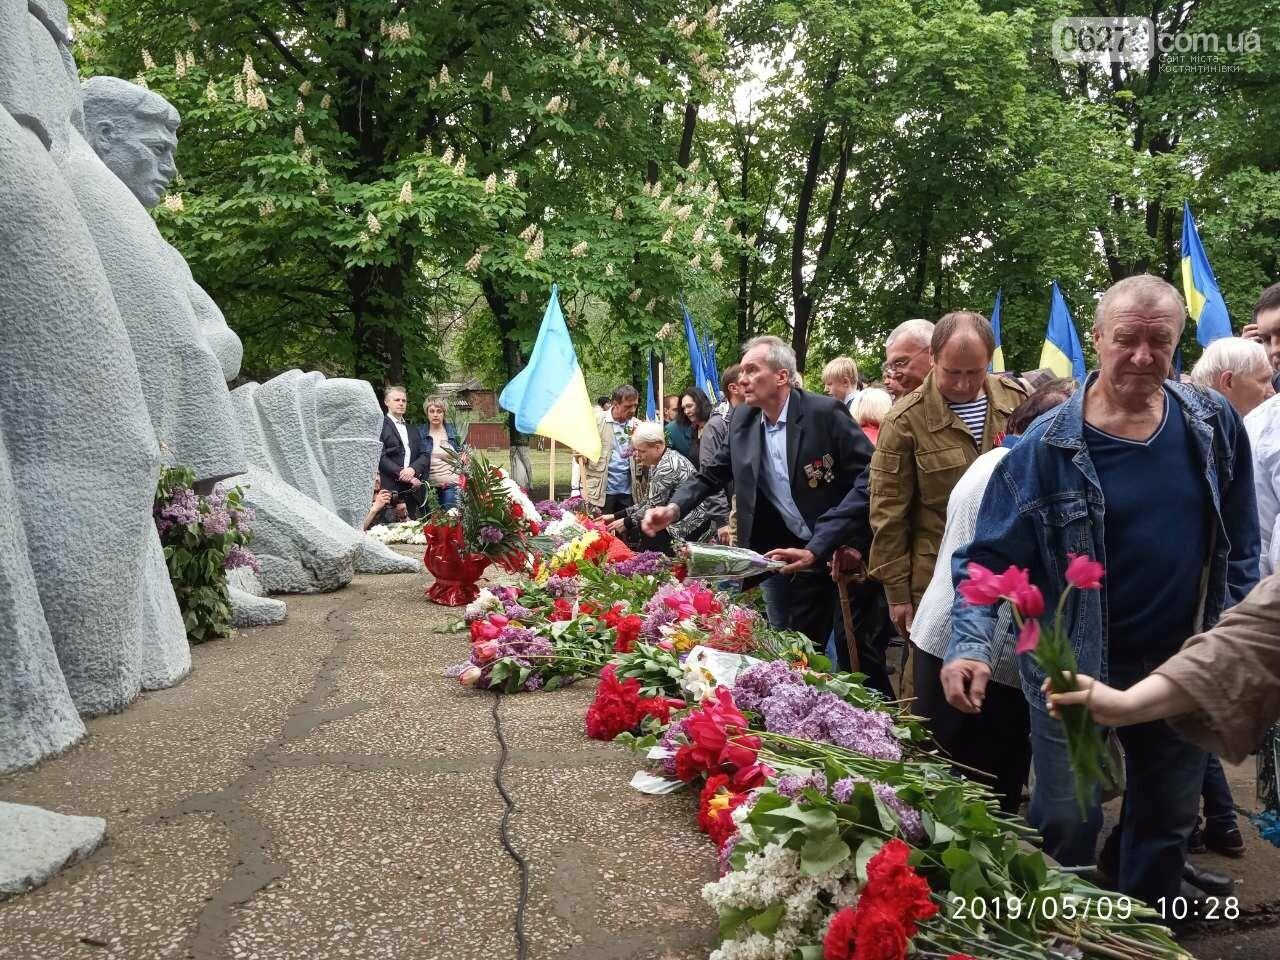 У Костянтинівці вшанували пам'ять загиблих у Другій світовій війні, фото-9